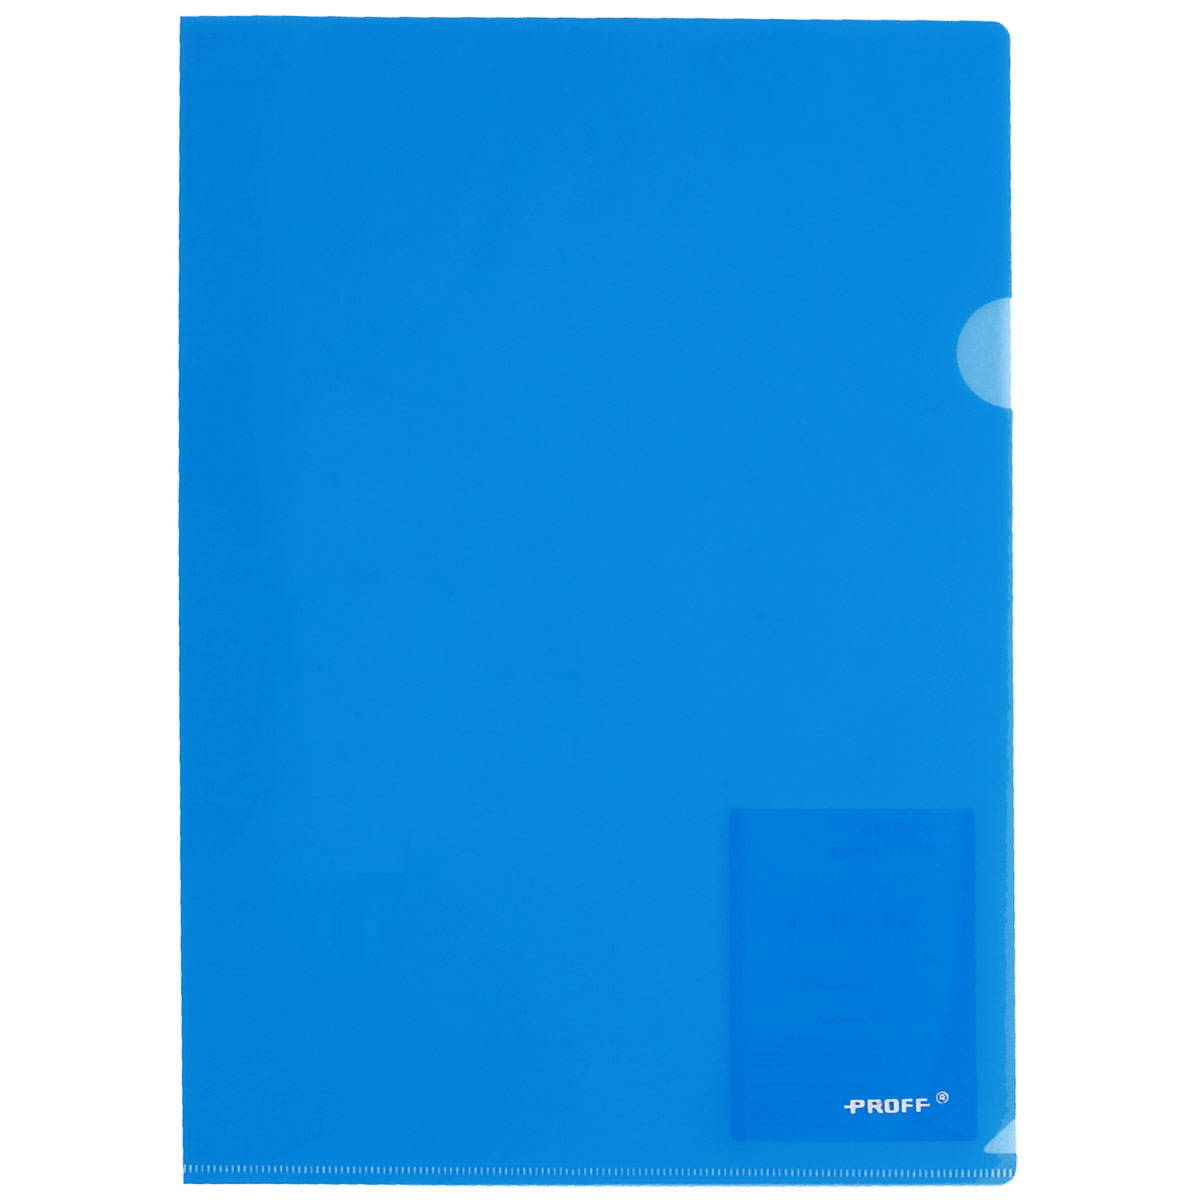 Proff Папка-уголок Alpha цвет синийFS-36052Папка-уголок Proff Alpha, изготовленная из высококачественного полипропилена - это удобный и практичный офисный инструмент, предназначенный для хранения и транспортировки рабочих бумаг и документов формата А4. Полупрозрачная глянцевая папка имеет опрятный и неброский вид. Папка-уголок - это незаменимый атрибут для студента, школьника, офисного работника. Такая папка надежно сохранит ваши документы и сбережет их от повреждений, пыли и влаги.